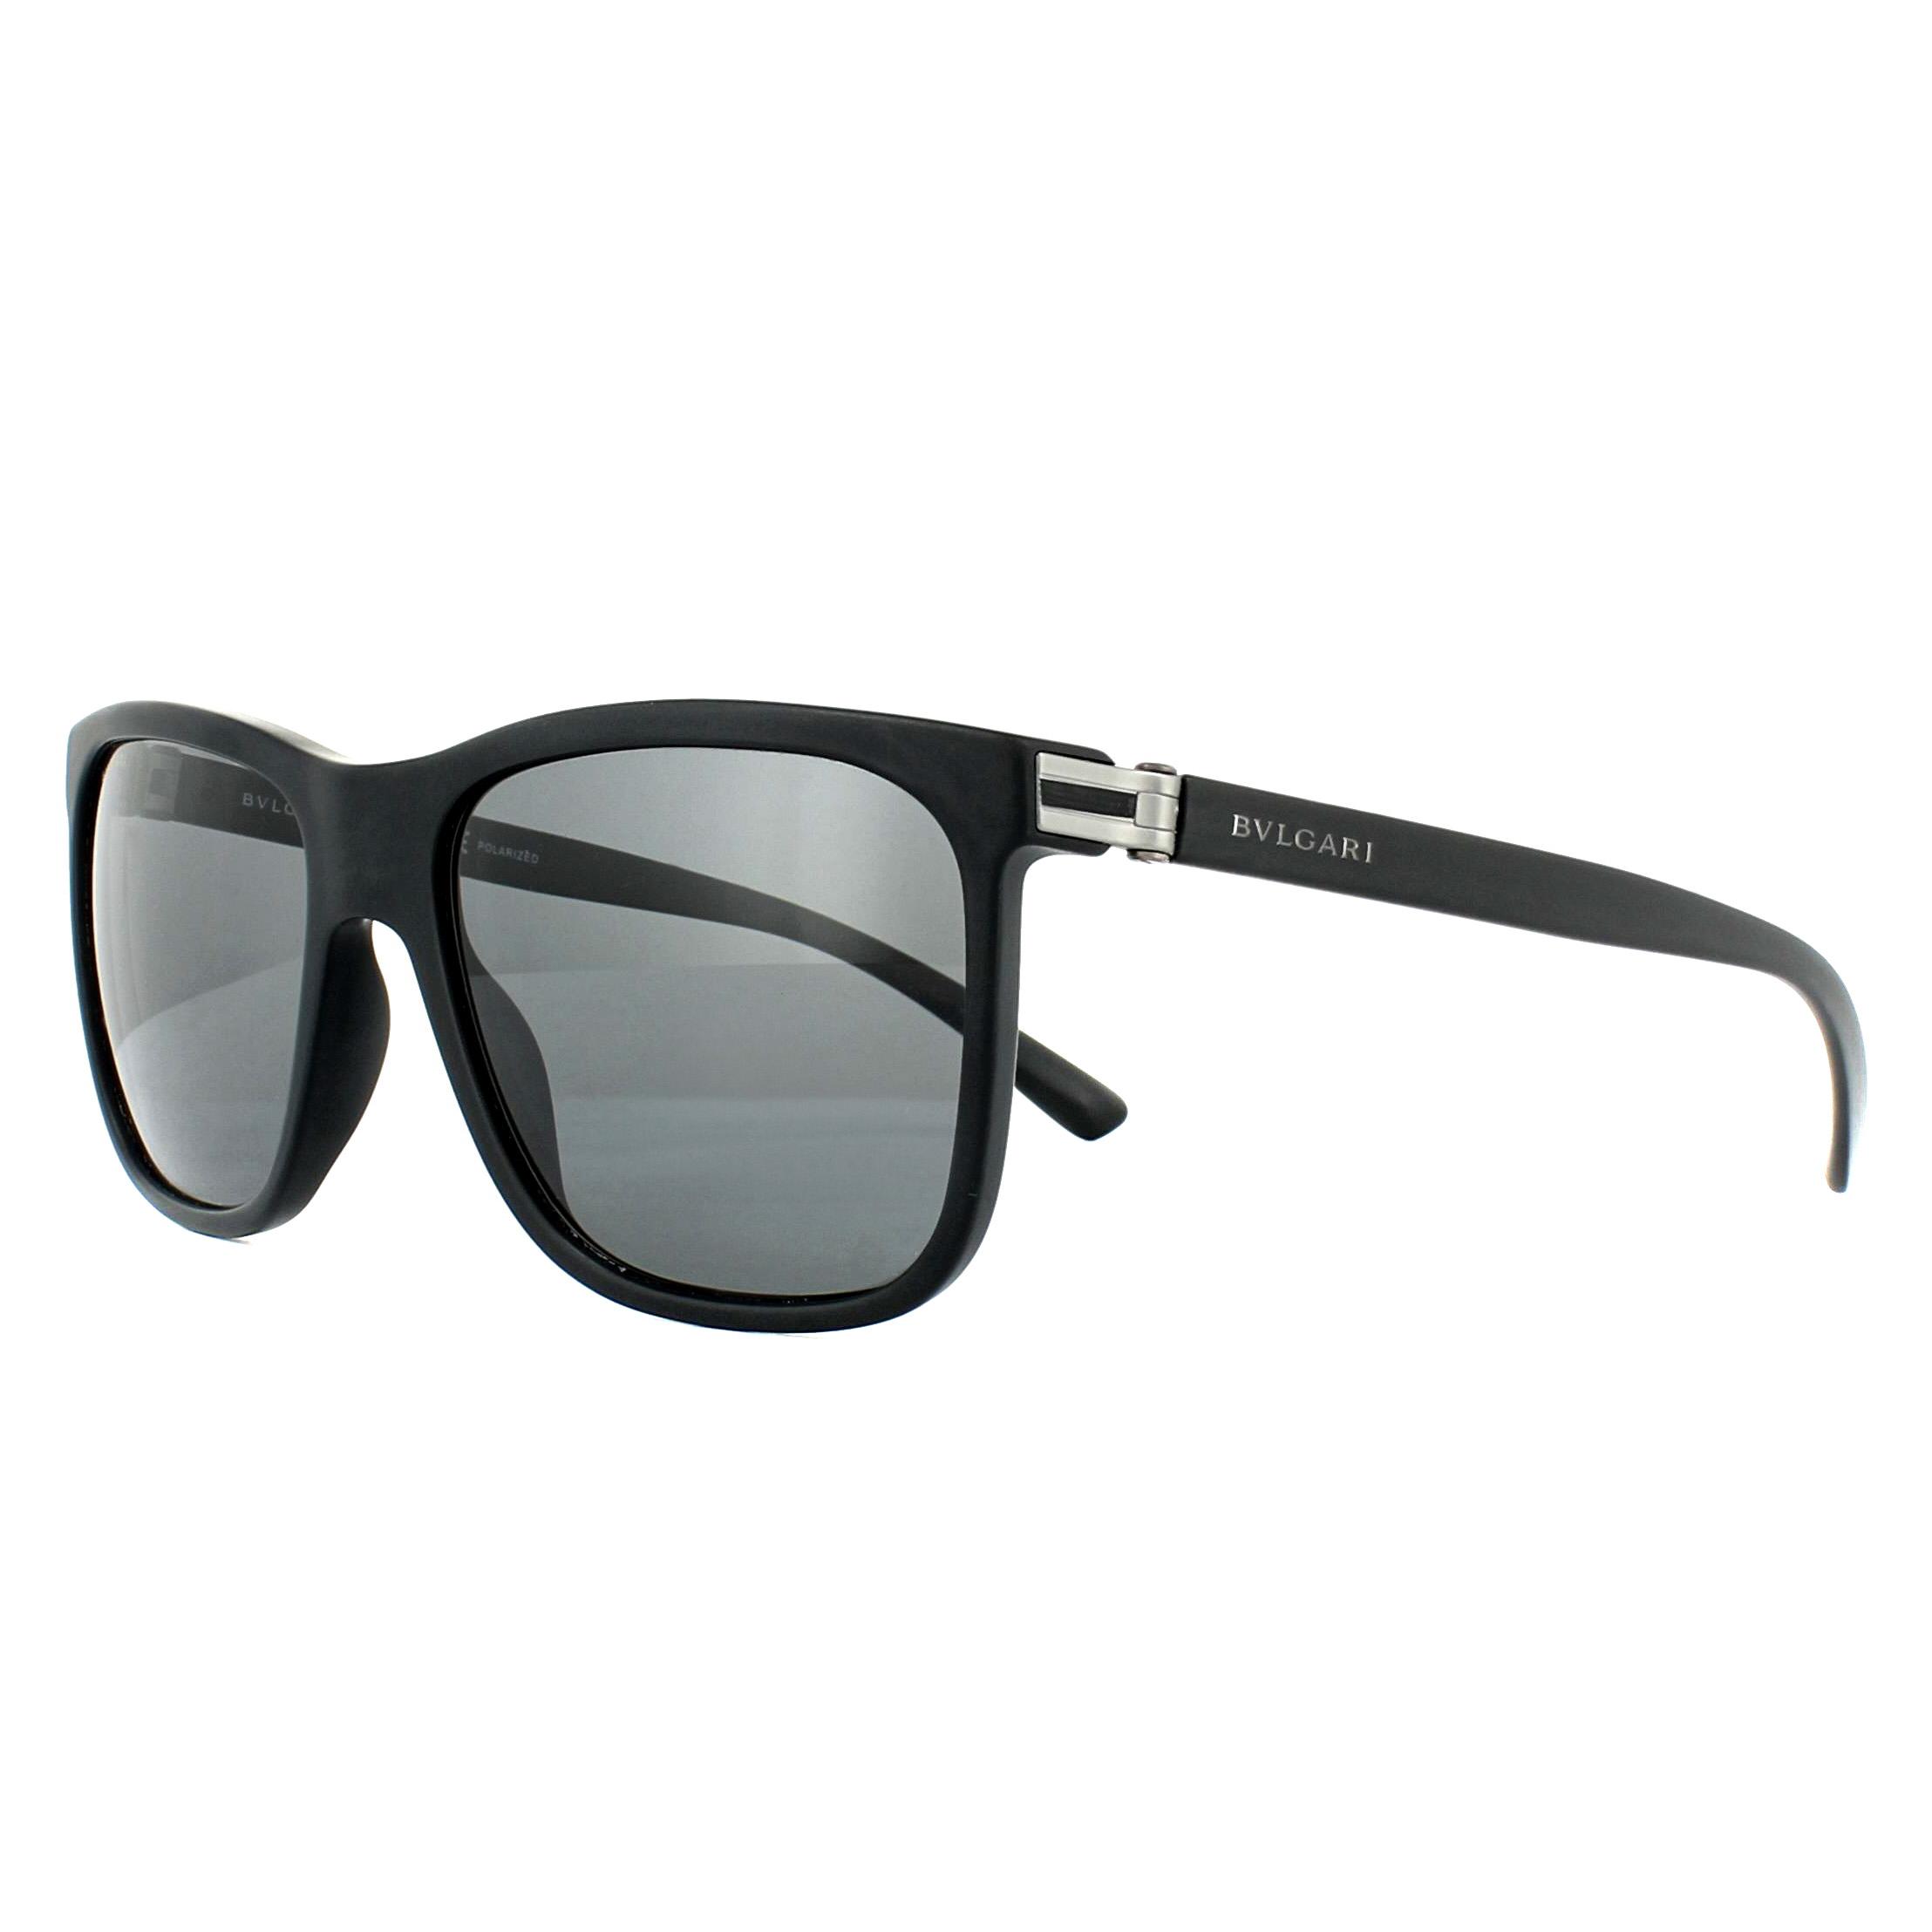 7e6c2271f1 Sentinel Bvlgari Sunglasses 7027 531381 Matte Black Grey Polarized